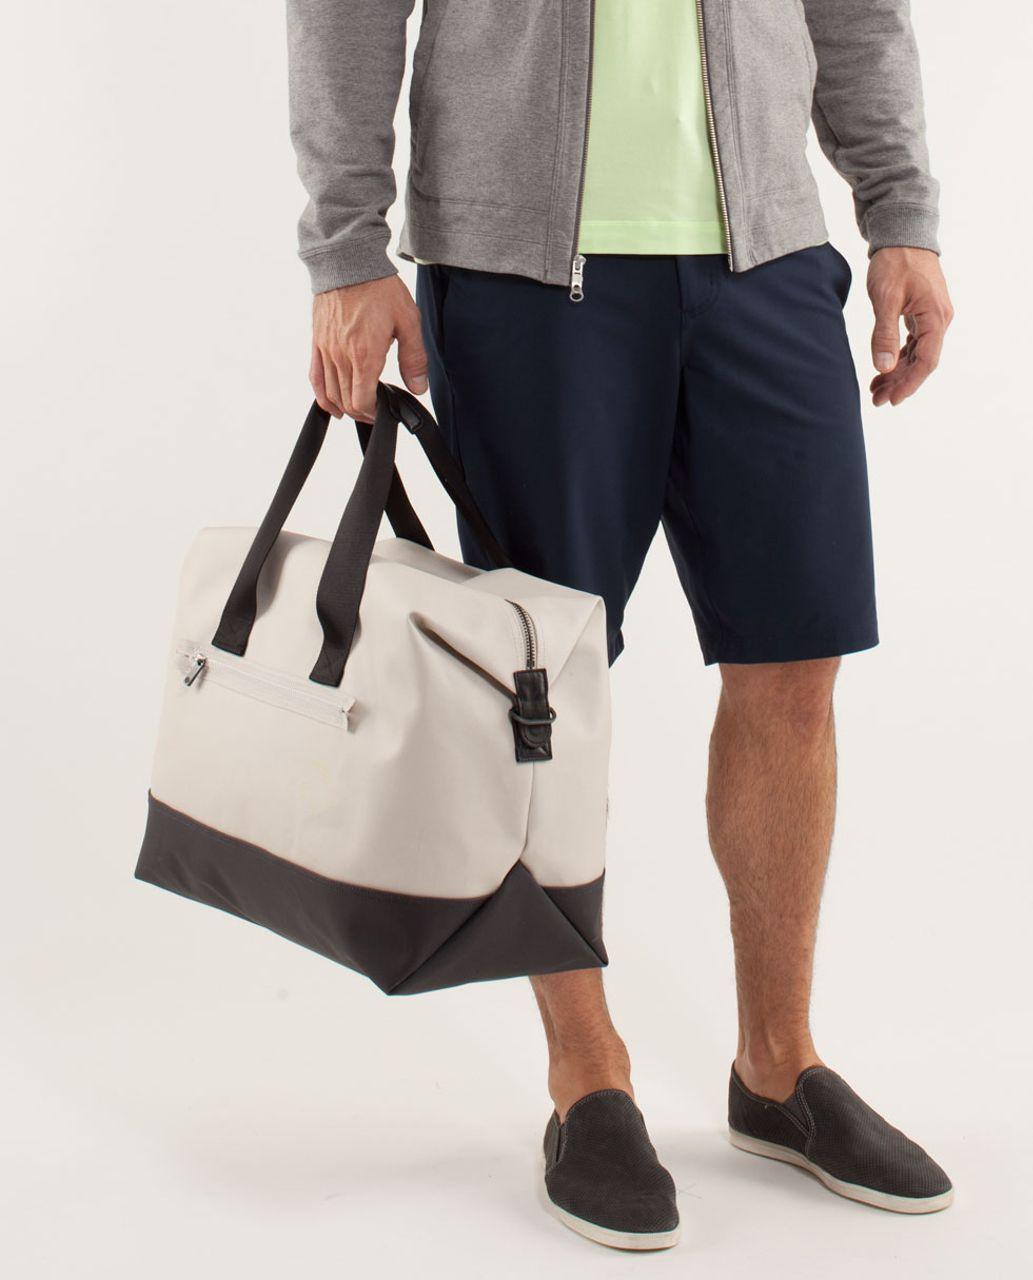 Lululemon Everyday Gym Bag - Buff